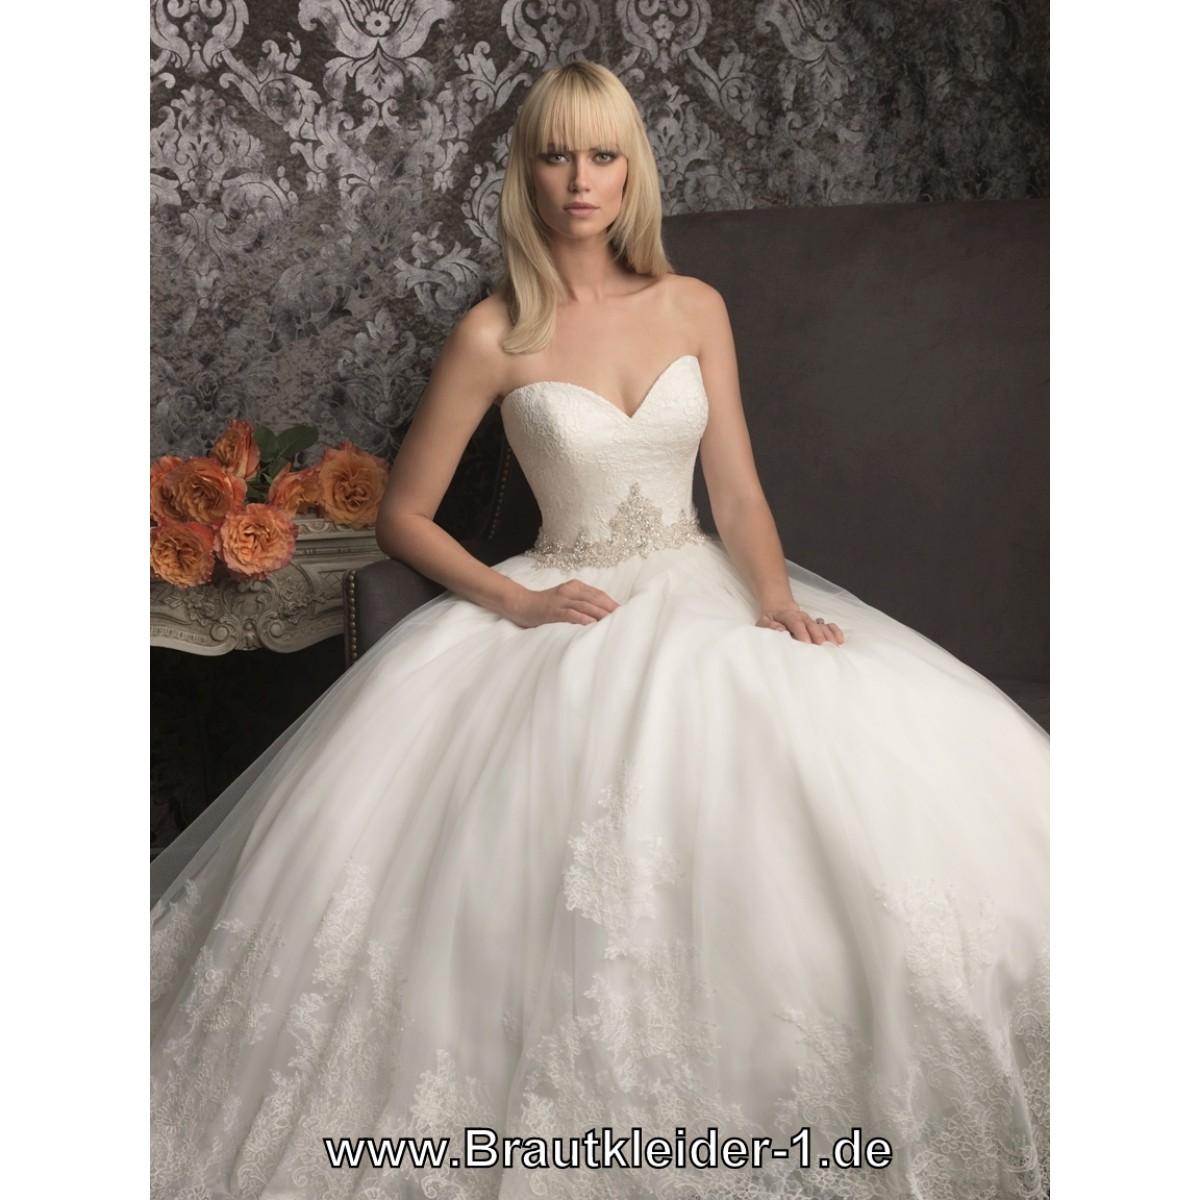 Brautkleider Online Auf Rechnung Brautkleider Online Auf Rechnung